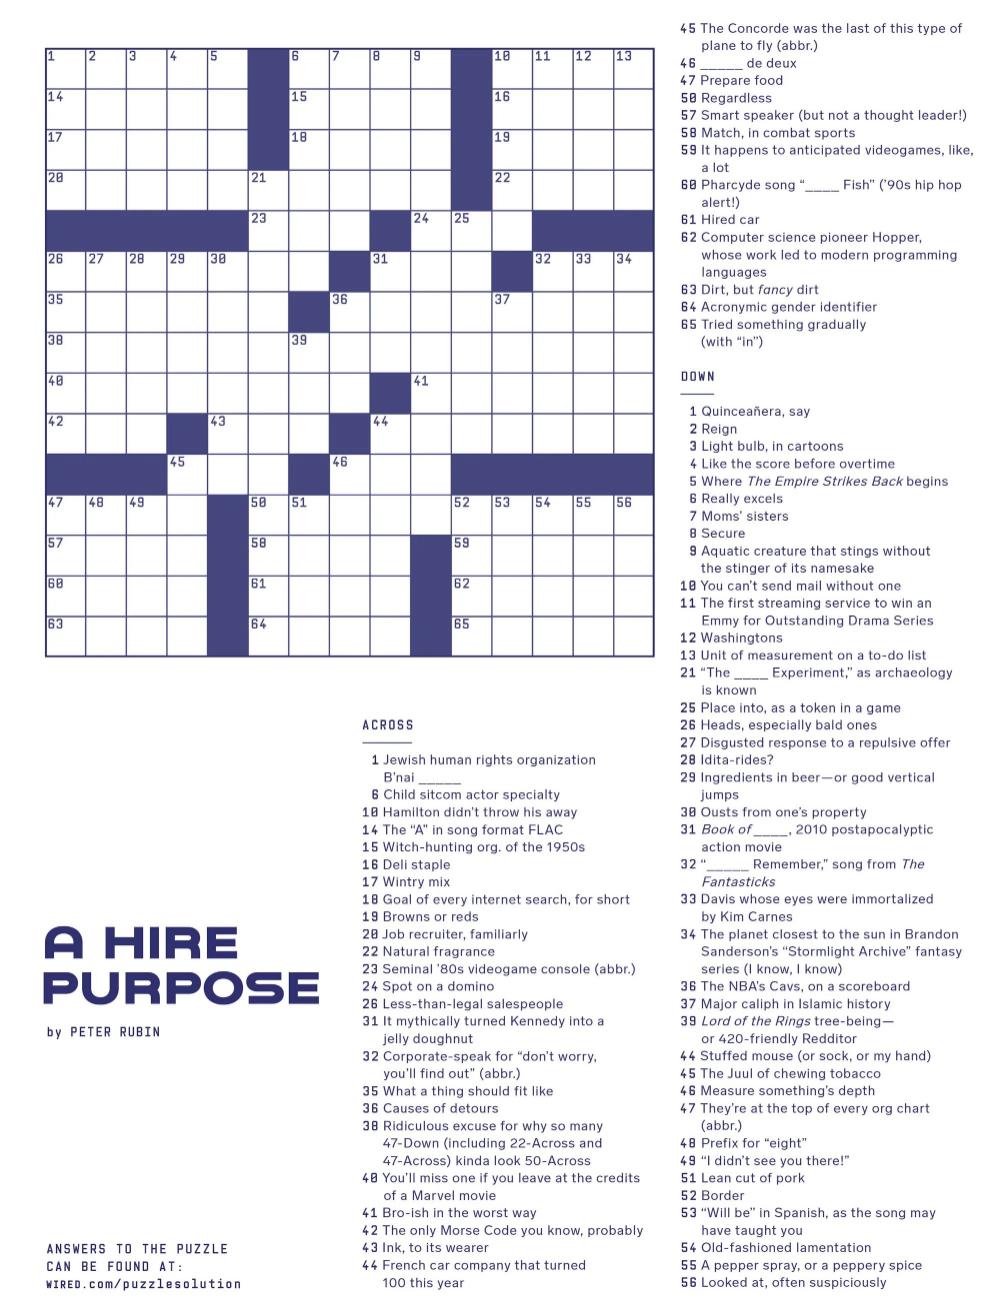 Upstart Crossword Puzzle Builders Get Their Point Across